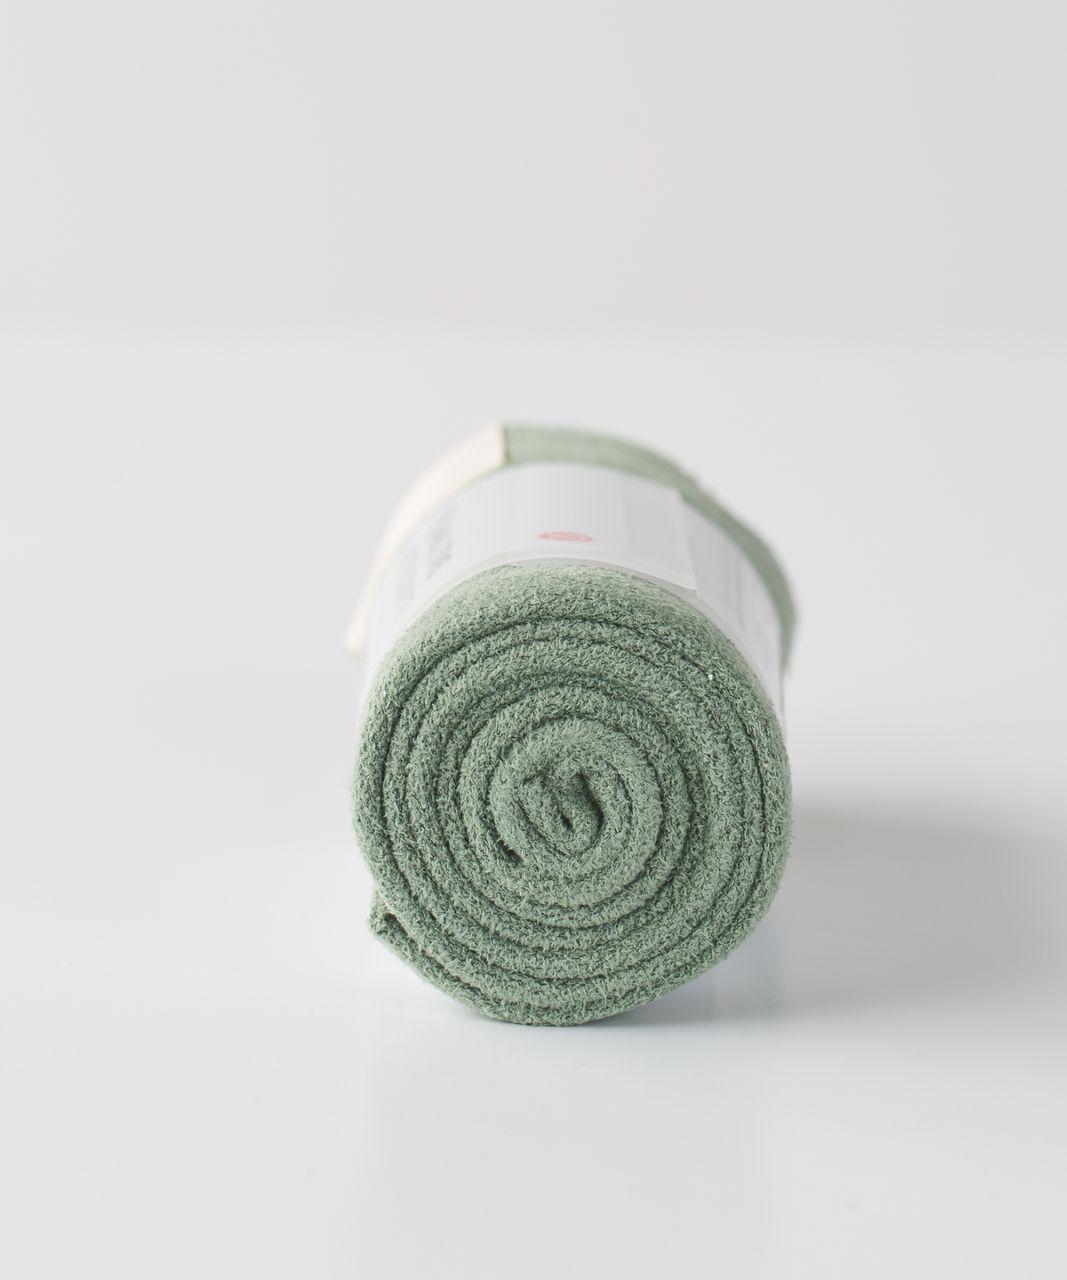 Lululemon The (Small) Towel - Desert Olive